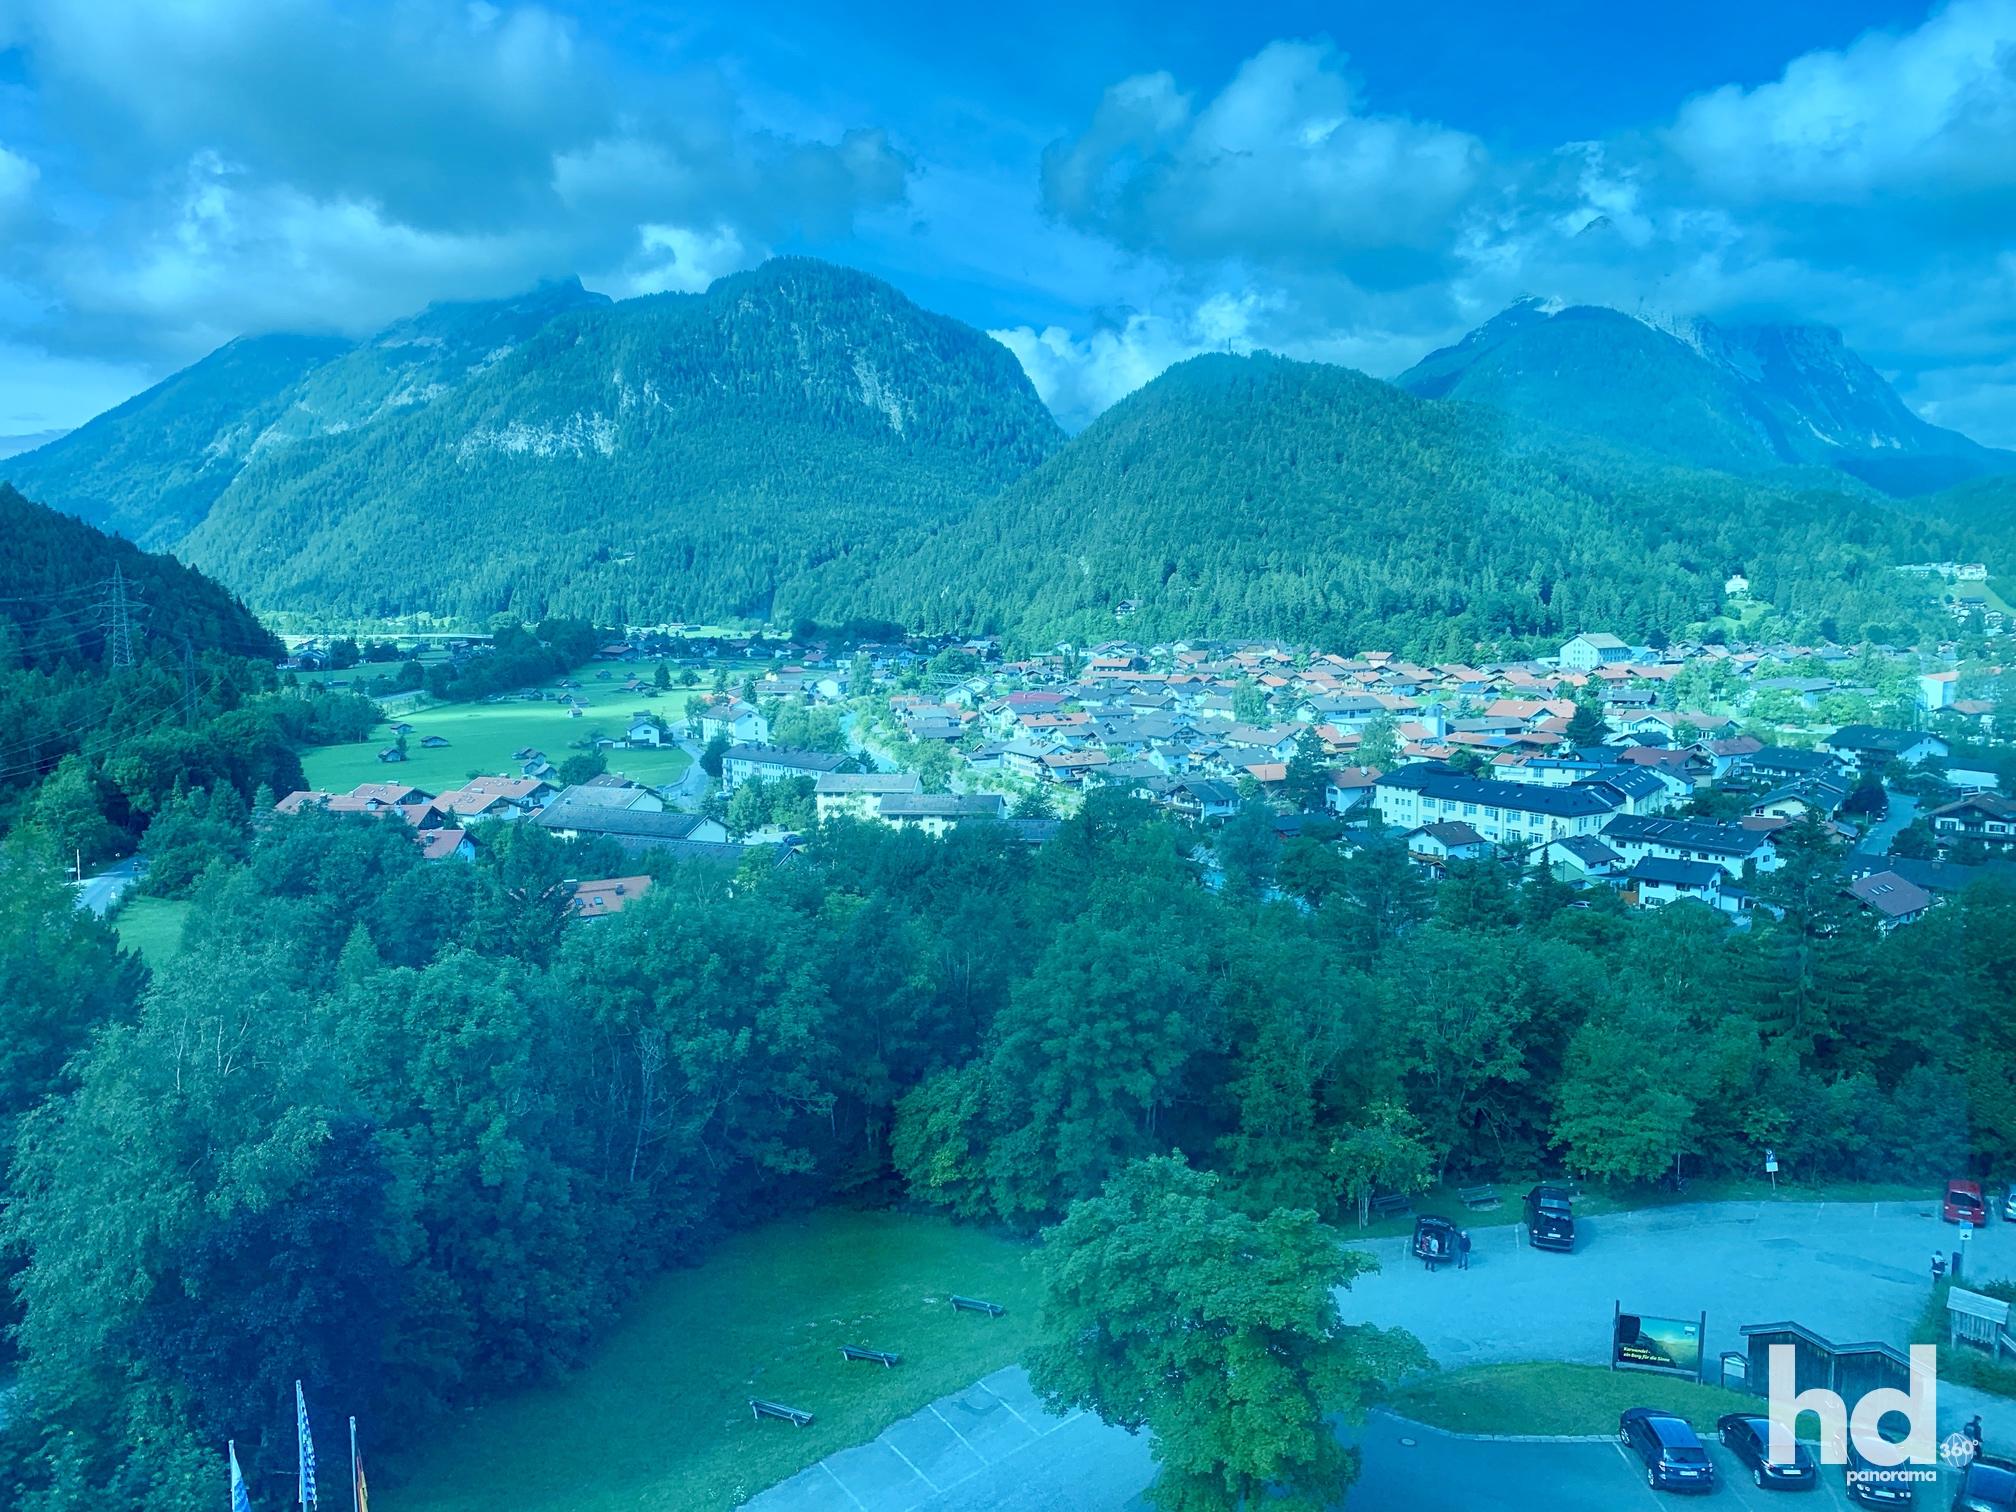 Zweithöchste Seilbahn Deutschlands, Mittenwald rauf auf den Karwendelspitz, Blick aus der Kabine, Foto © HD-Panorama